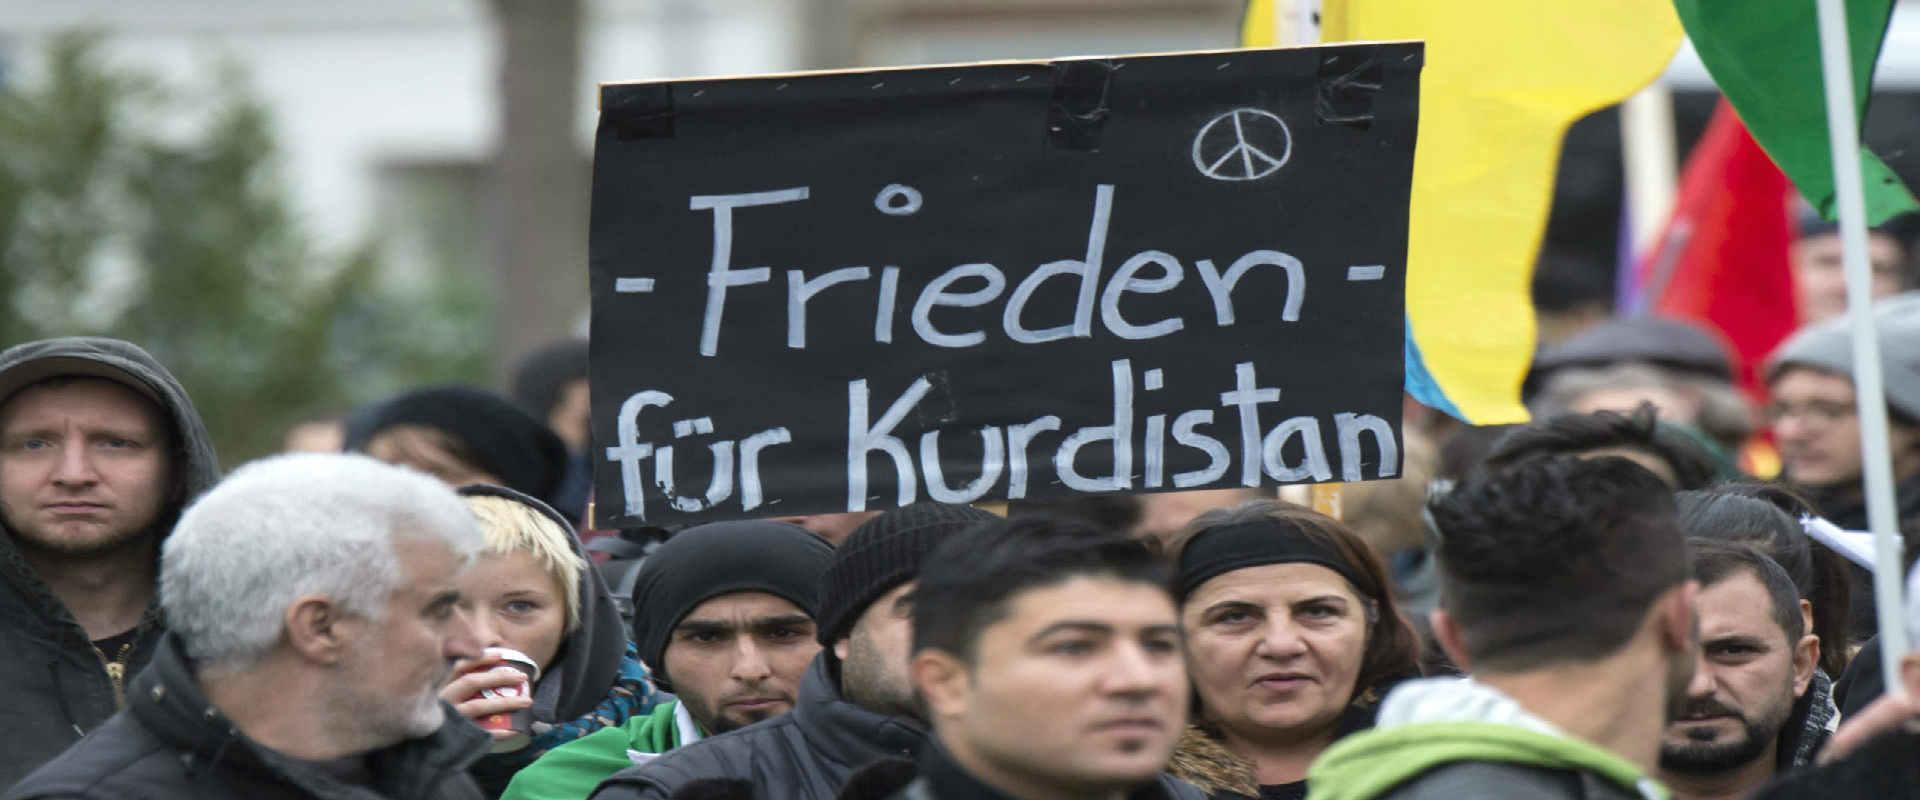 הפגנת תמיכה בעצמאותם של הכורדים